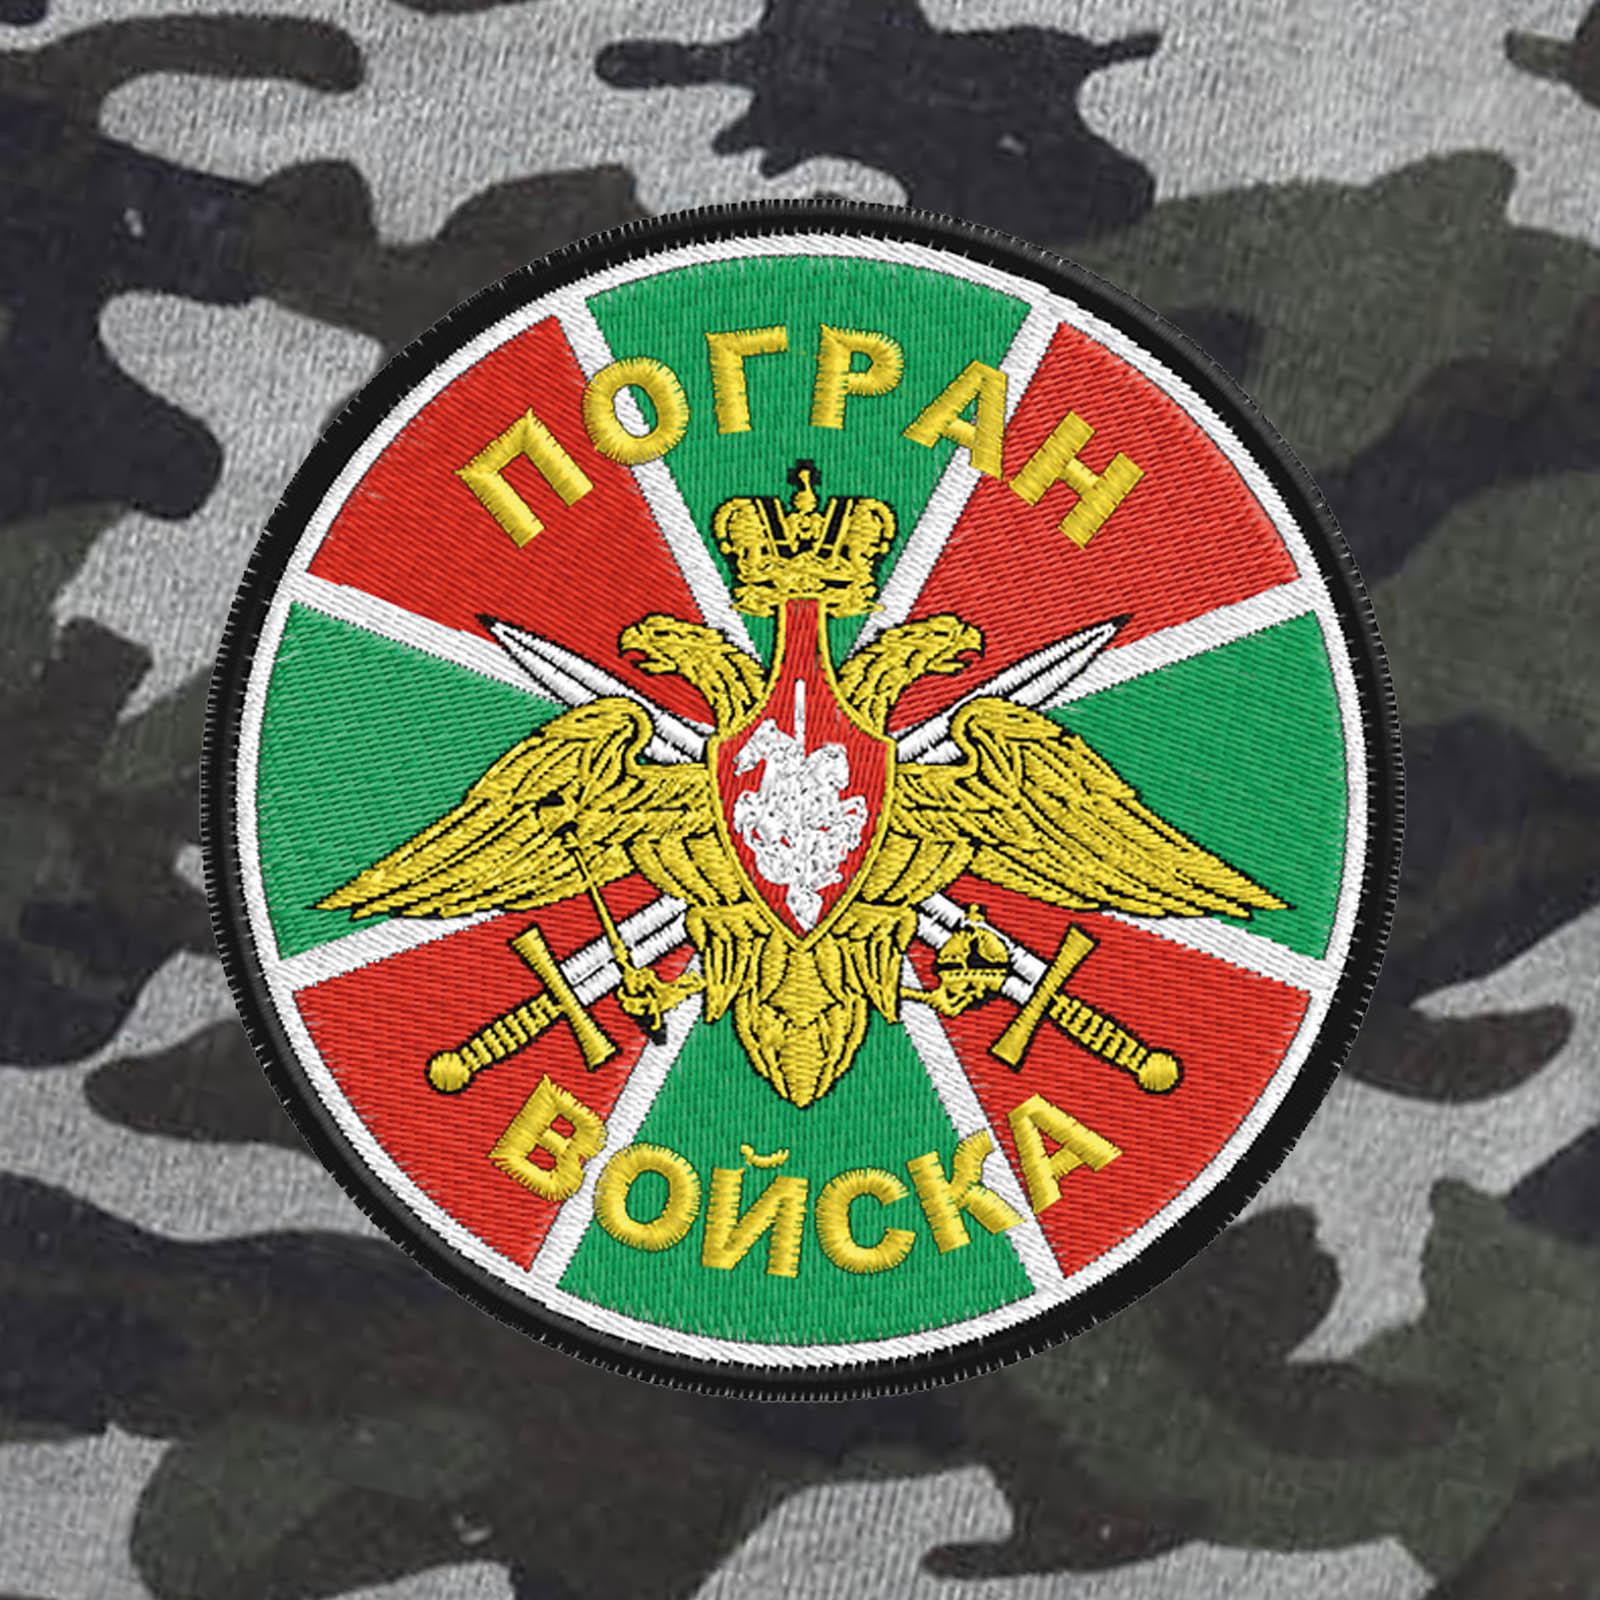 Шорты Погранвойска свободные.